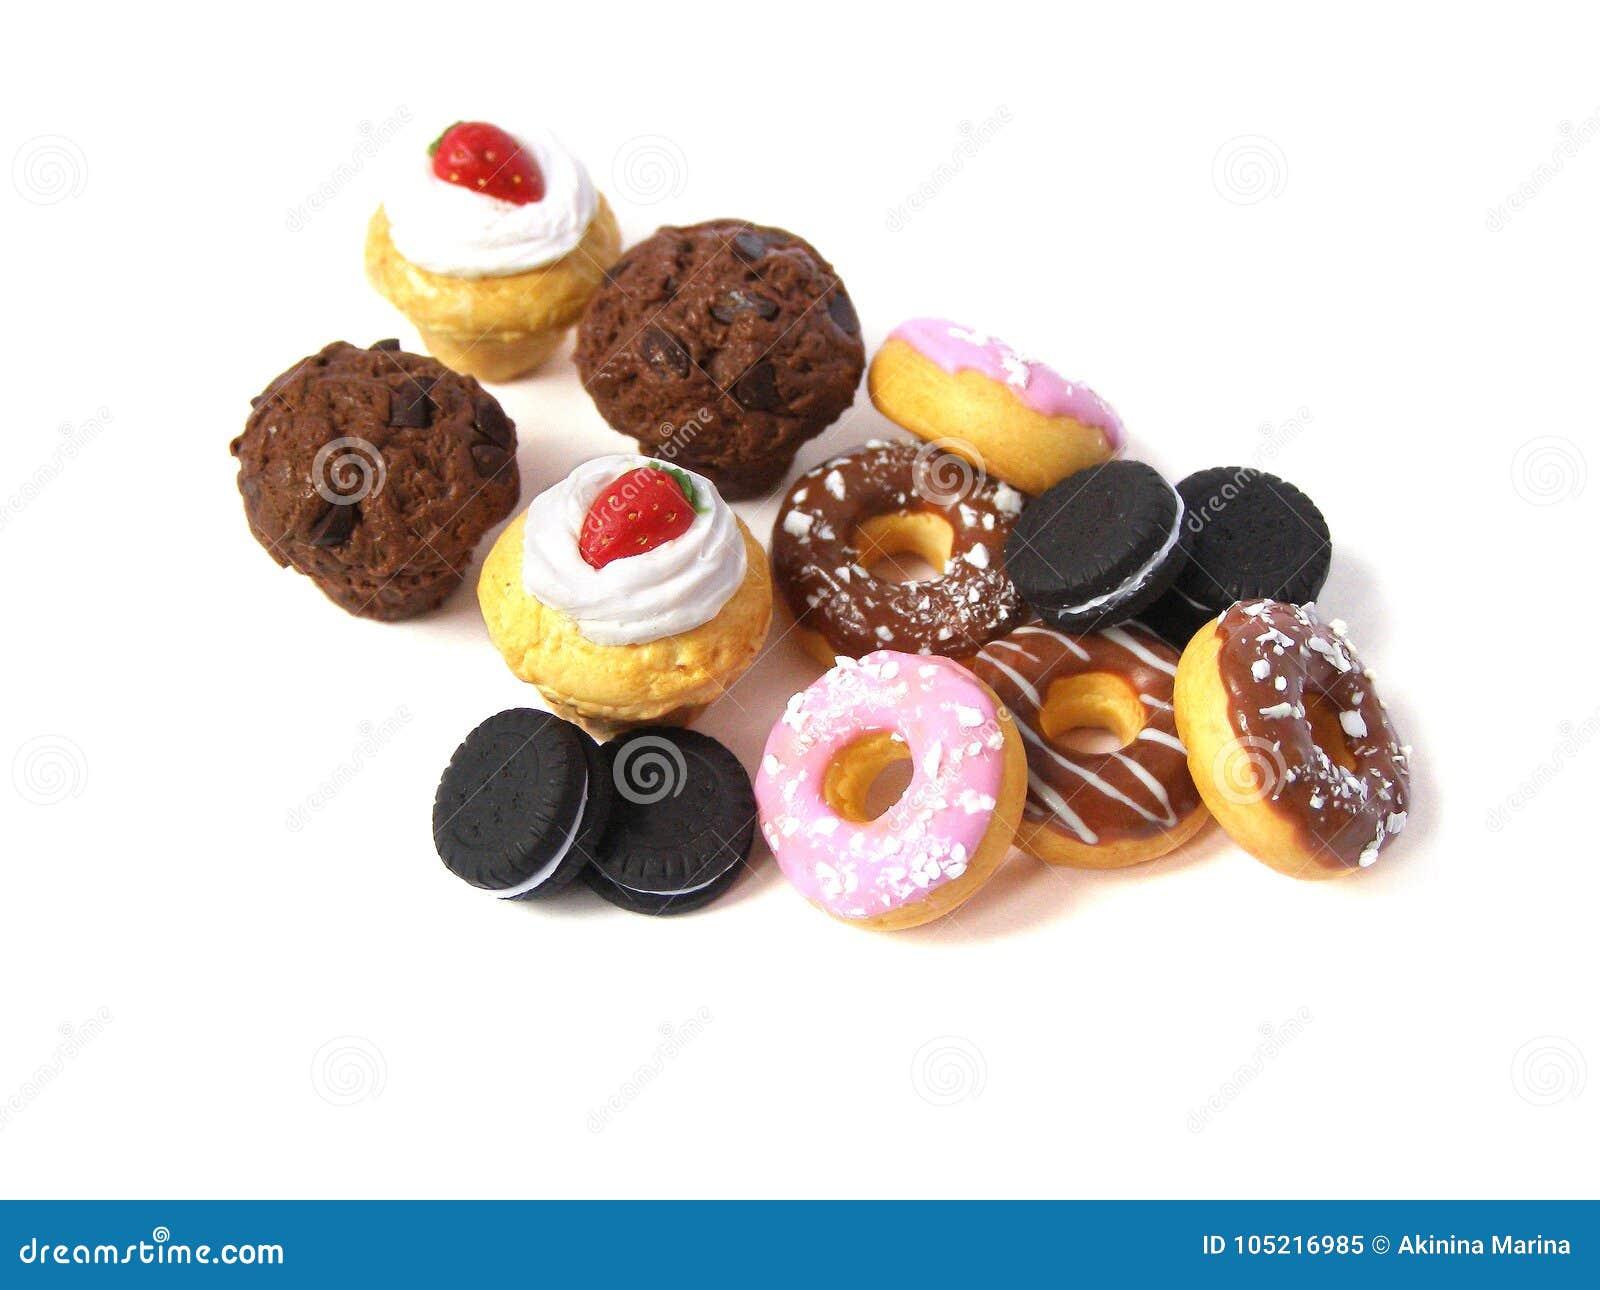 照片微型伪造品蛋糕和油炸圈饼